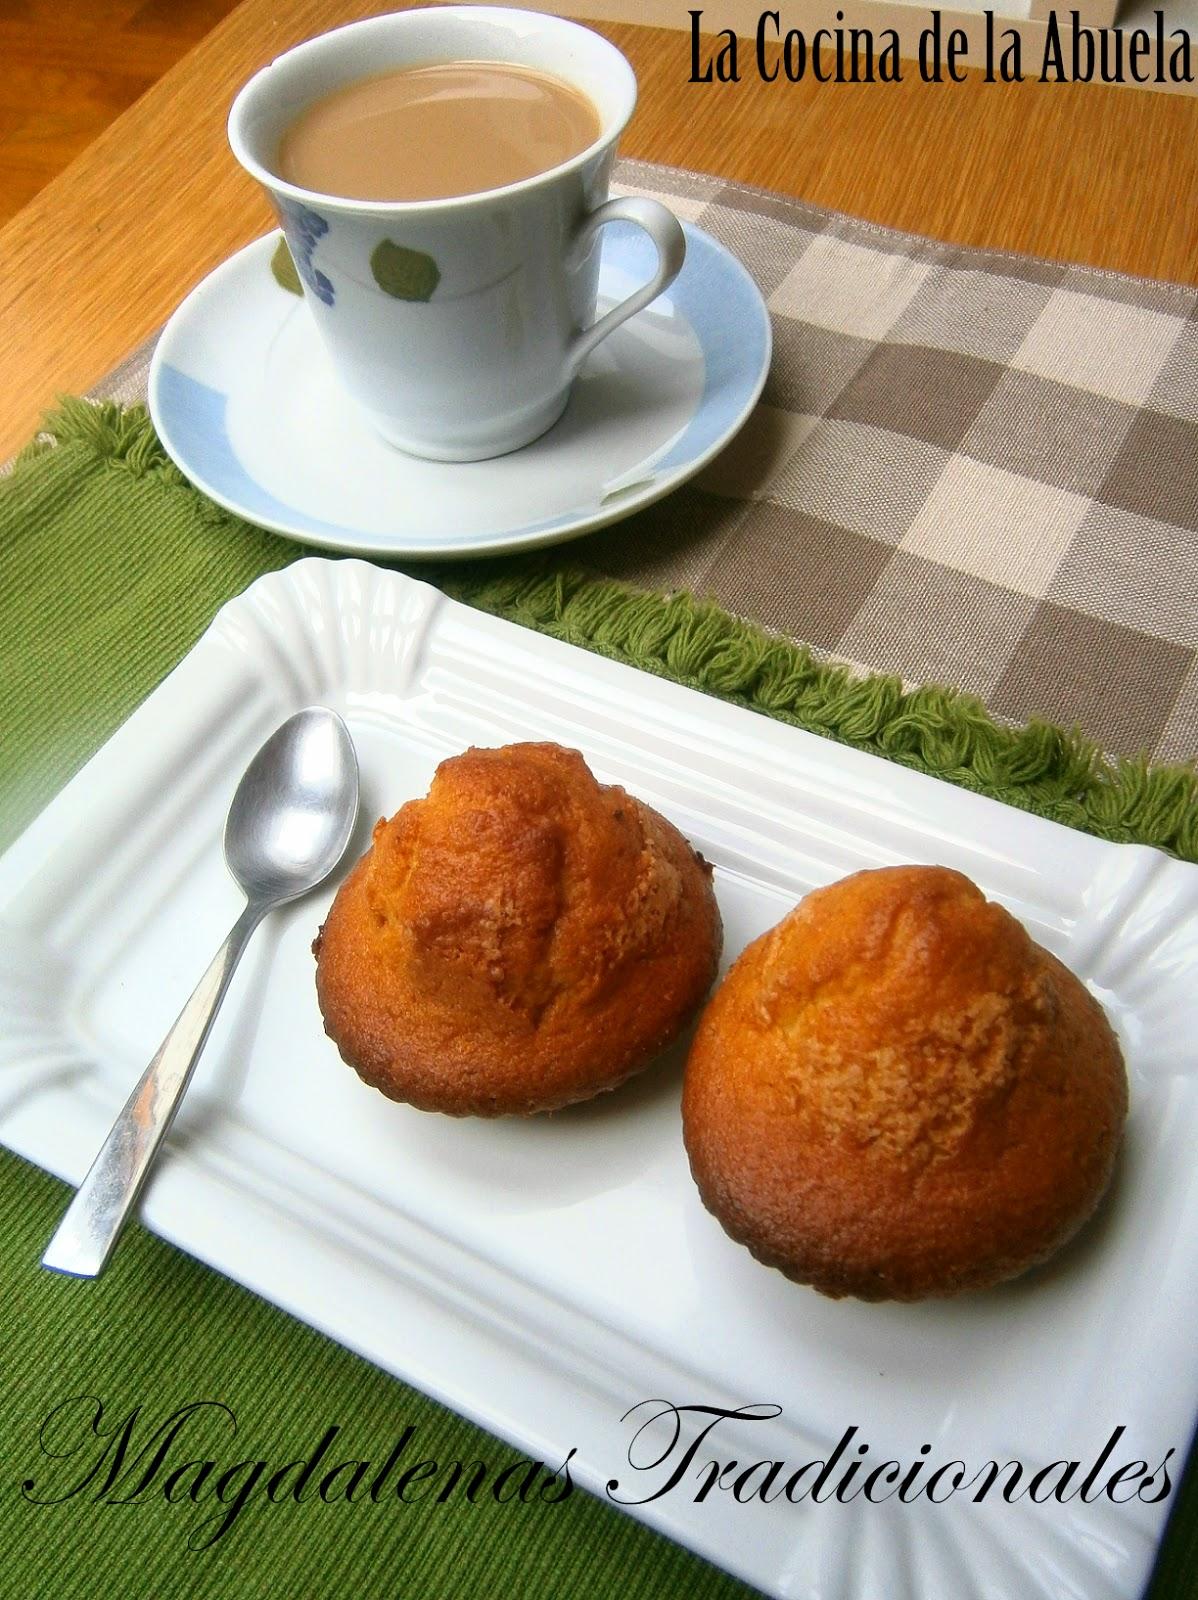 Magdalenas tradicionales la cocina de la abuela - Madalenas o magdalenas ...